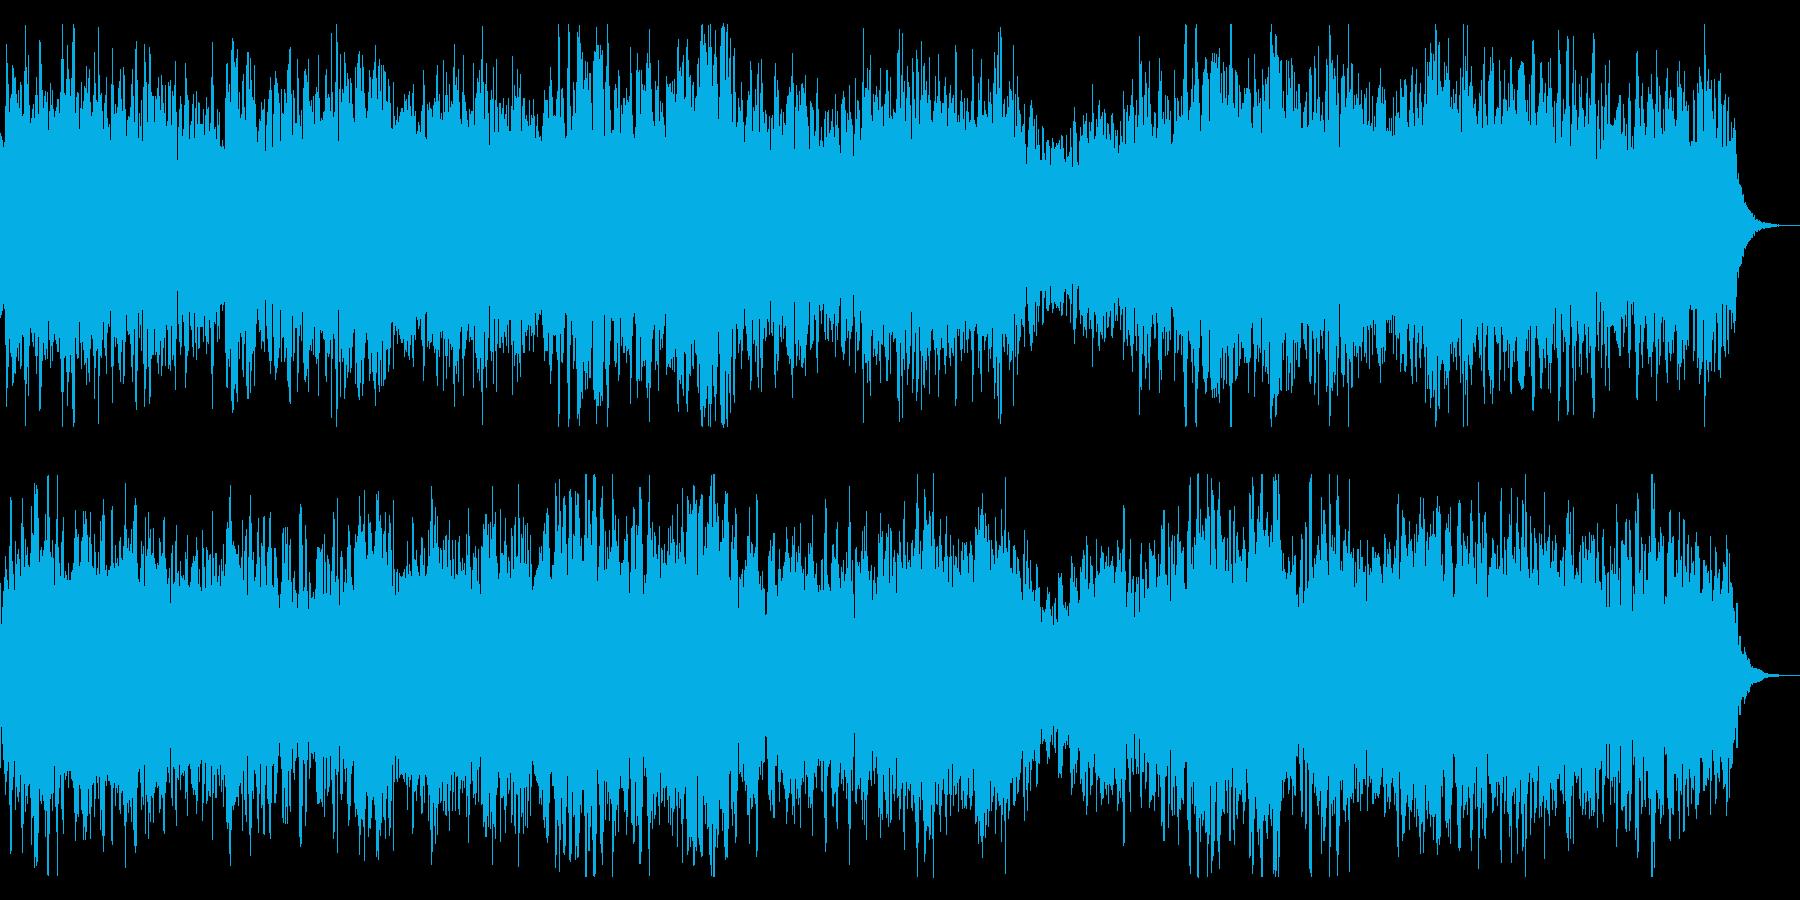 ダークでミステリアスなBGM 奇怪 奇妙の再生済みの波形